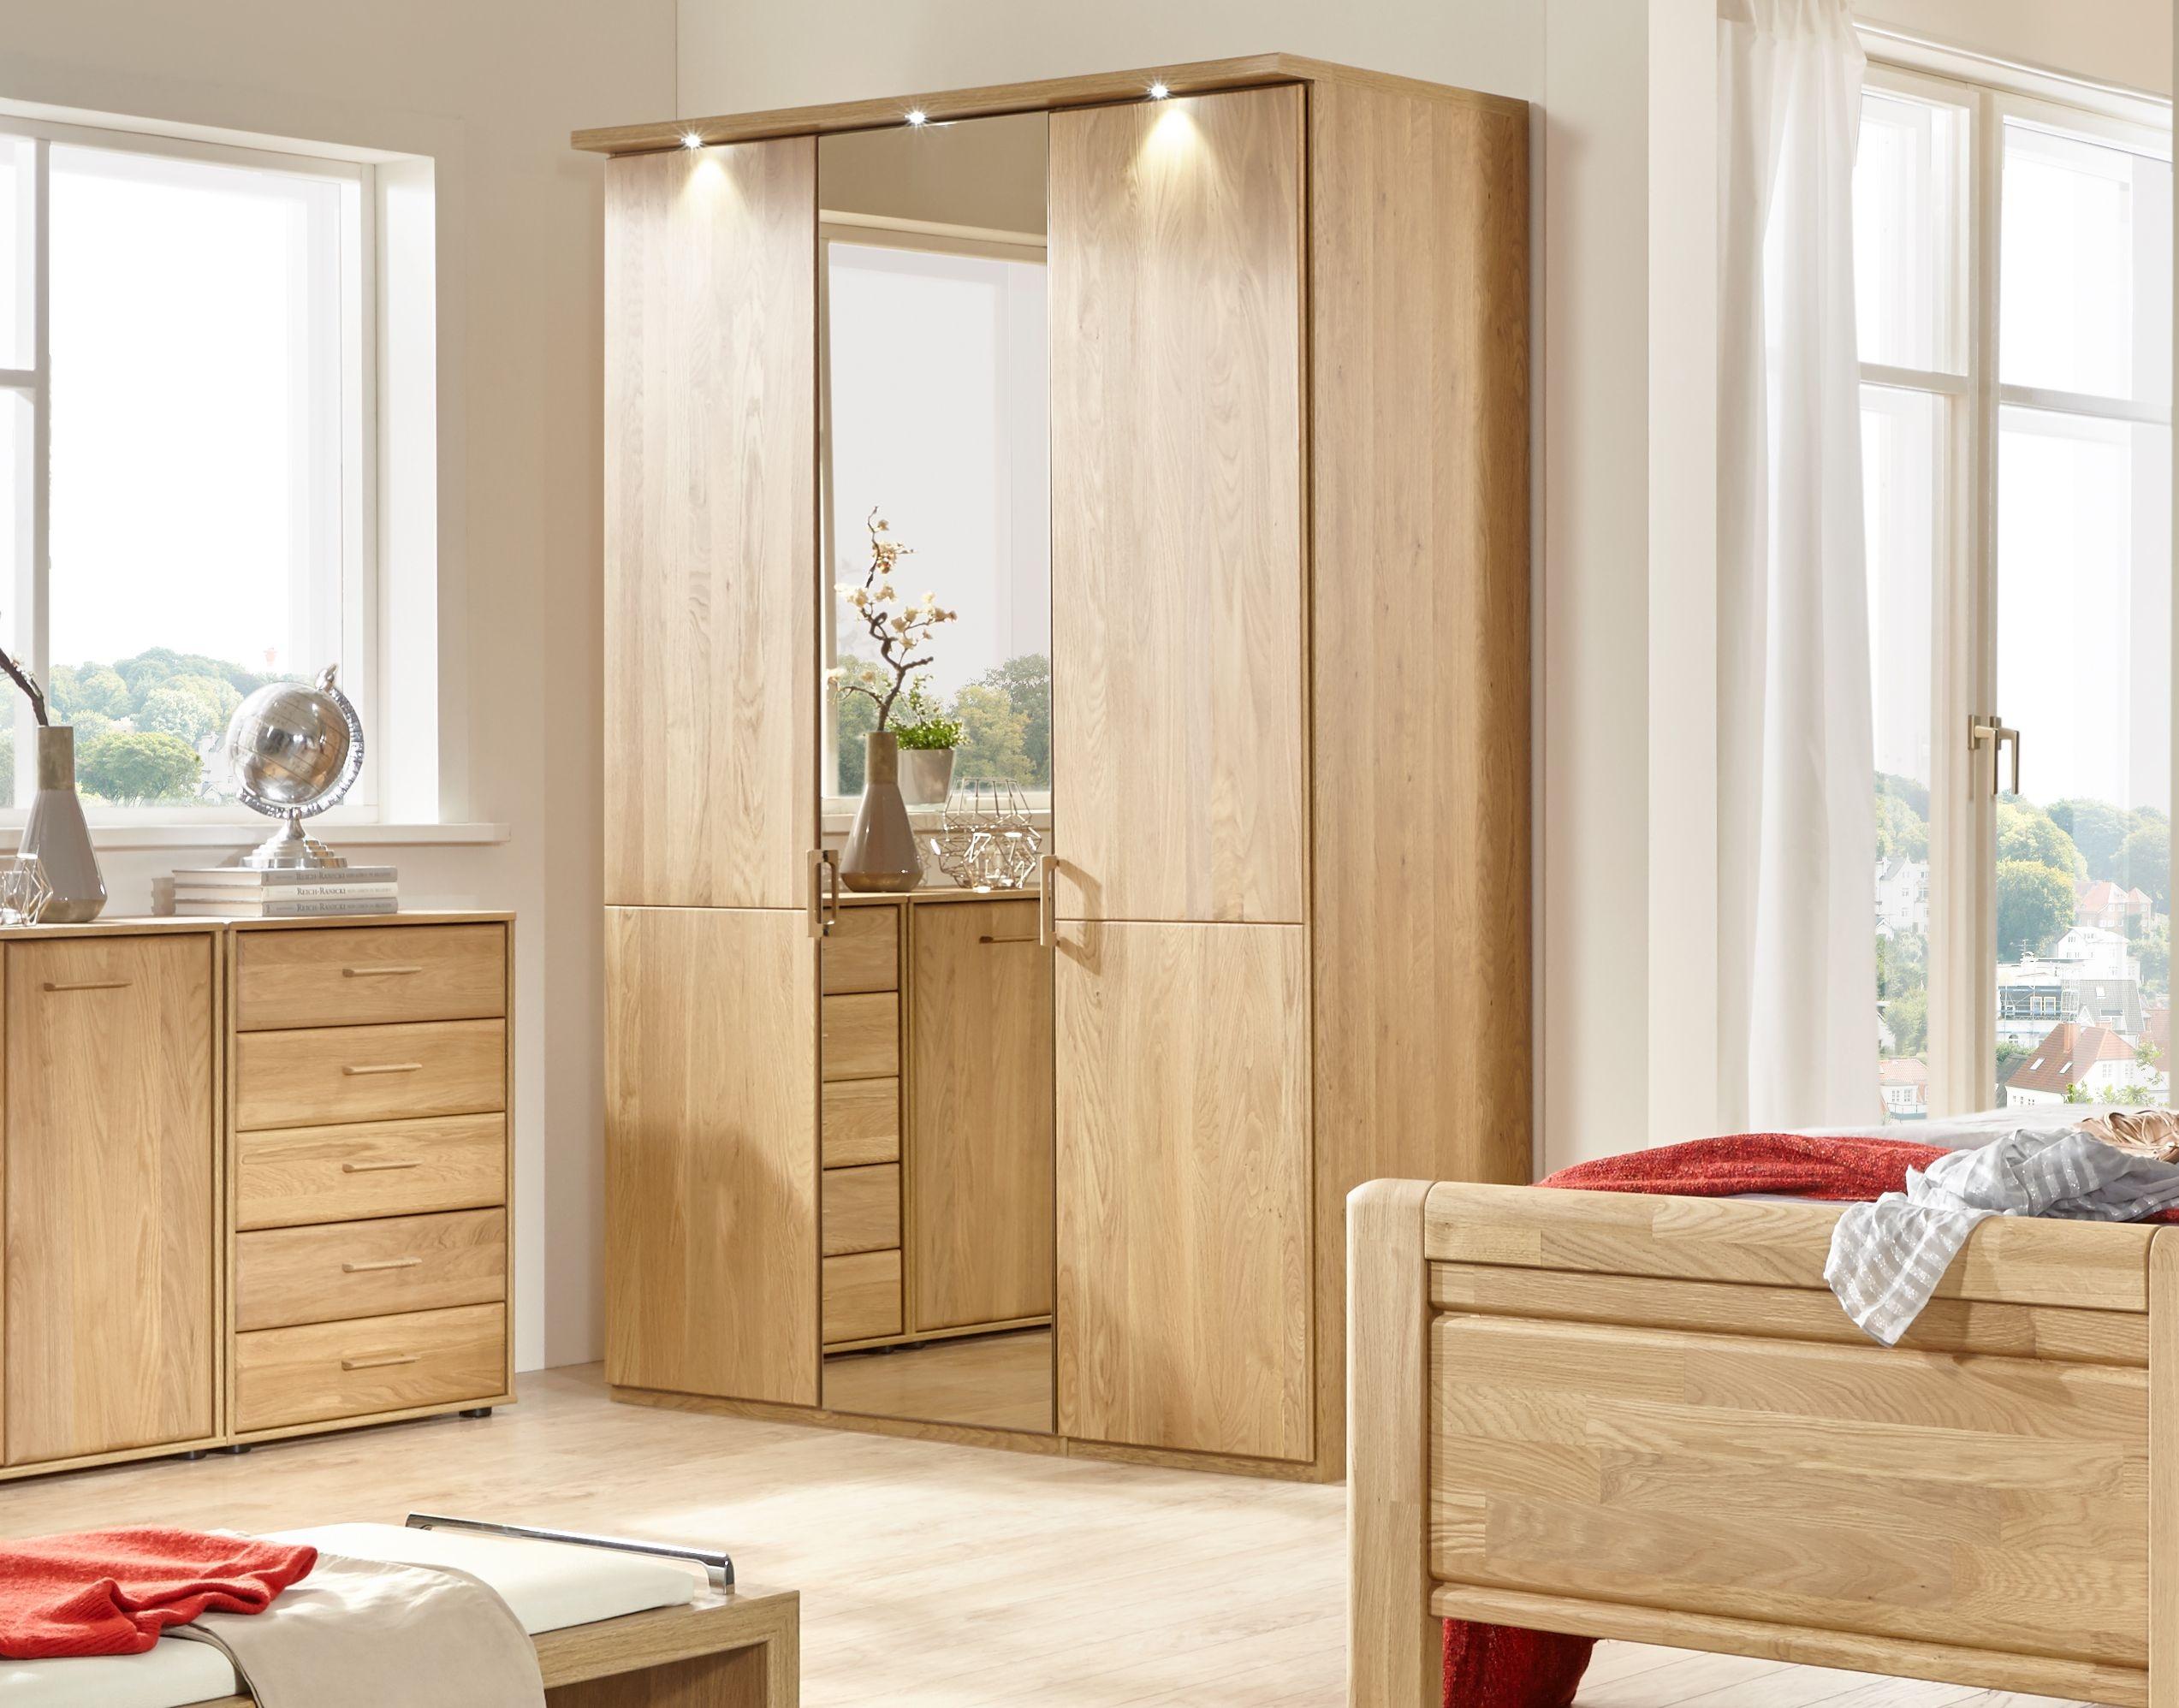 Wiemann Lido 1 Door Wardrobe in Oak - W 50cm (Right)